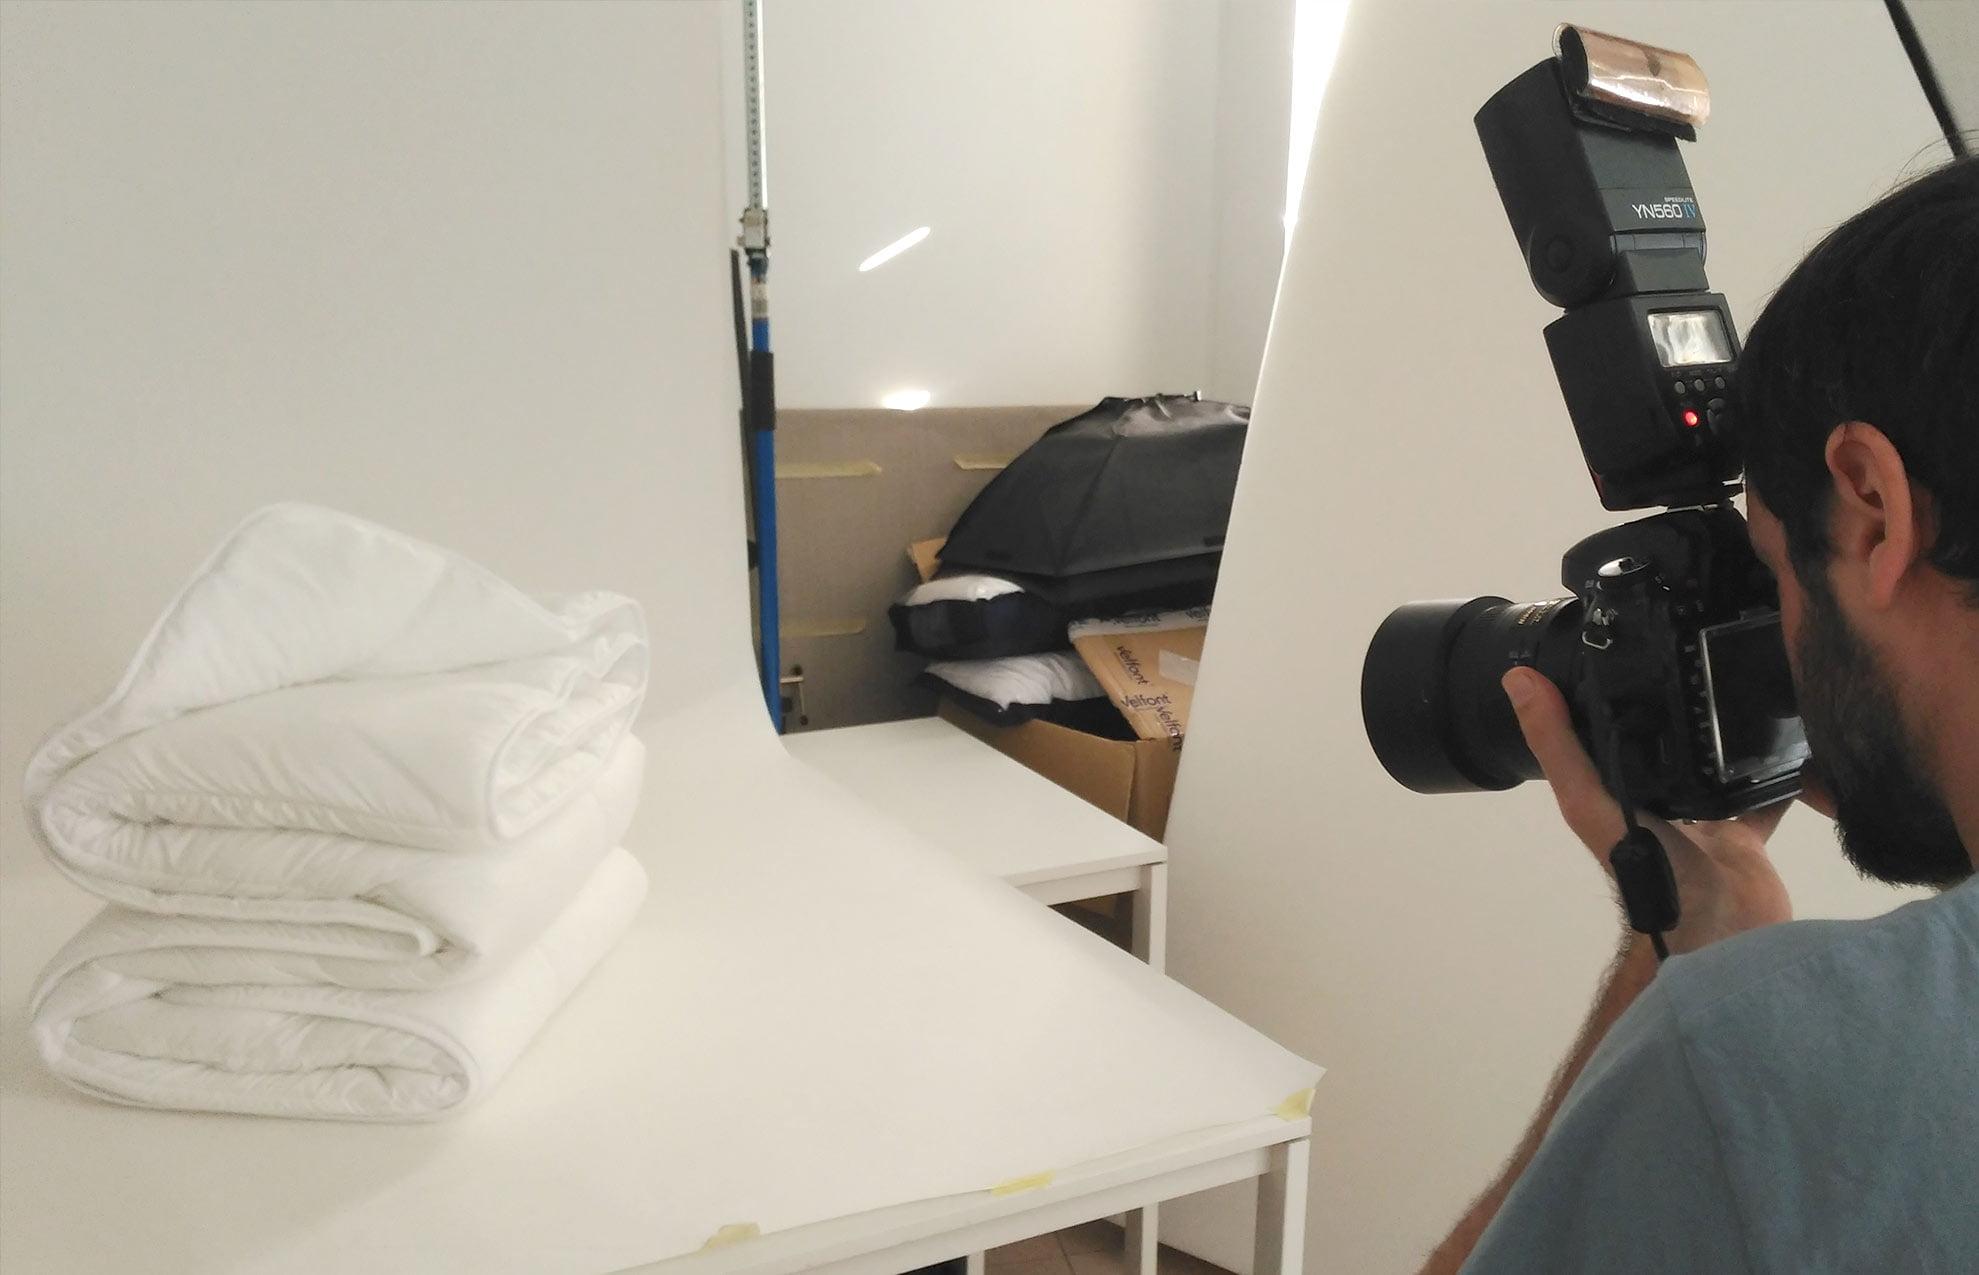 fotografia para ecommerce - ¿Qué fotos debo poner en mi web?